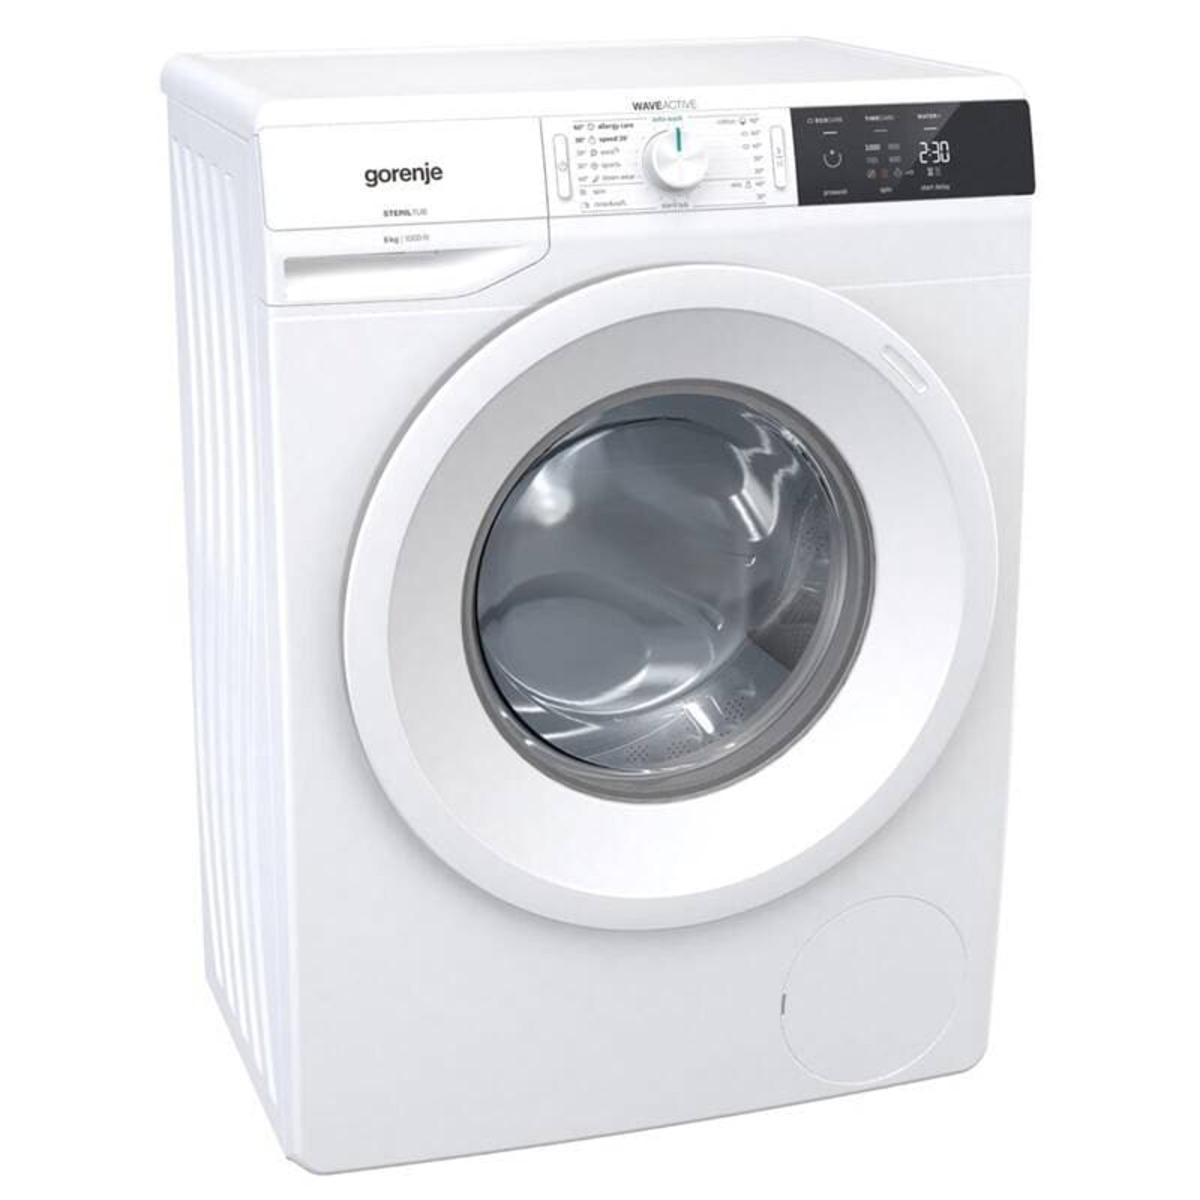 Volně stojící pračka Gorenje bílá WE60S3